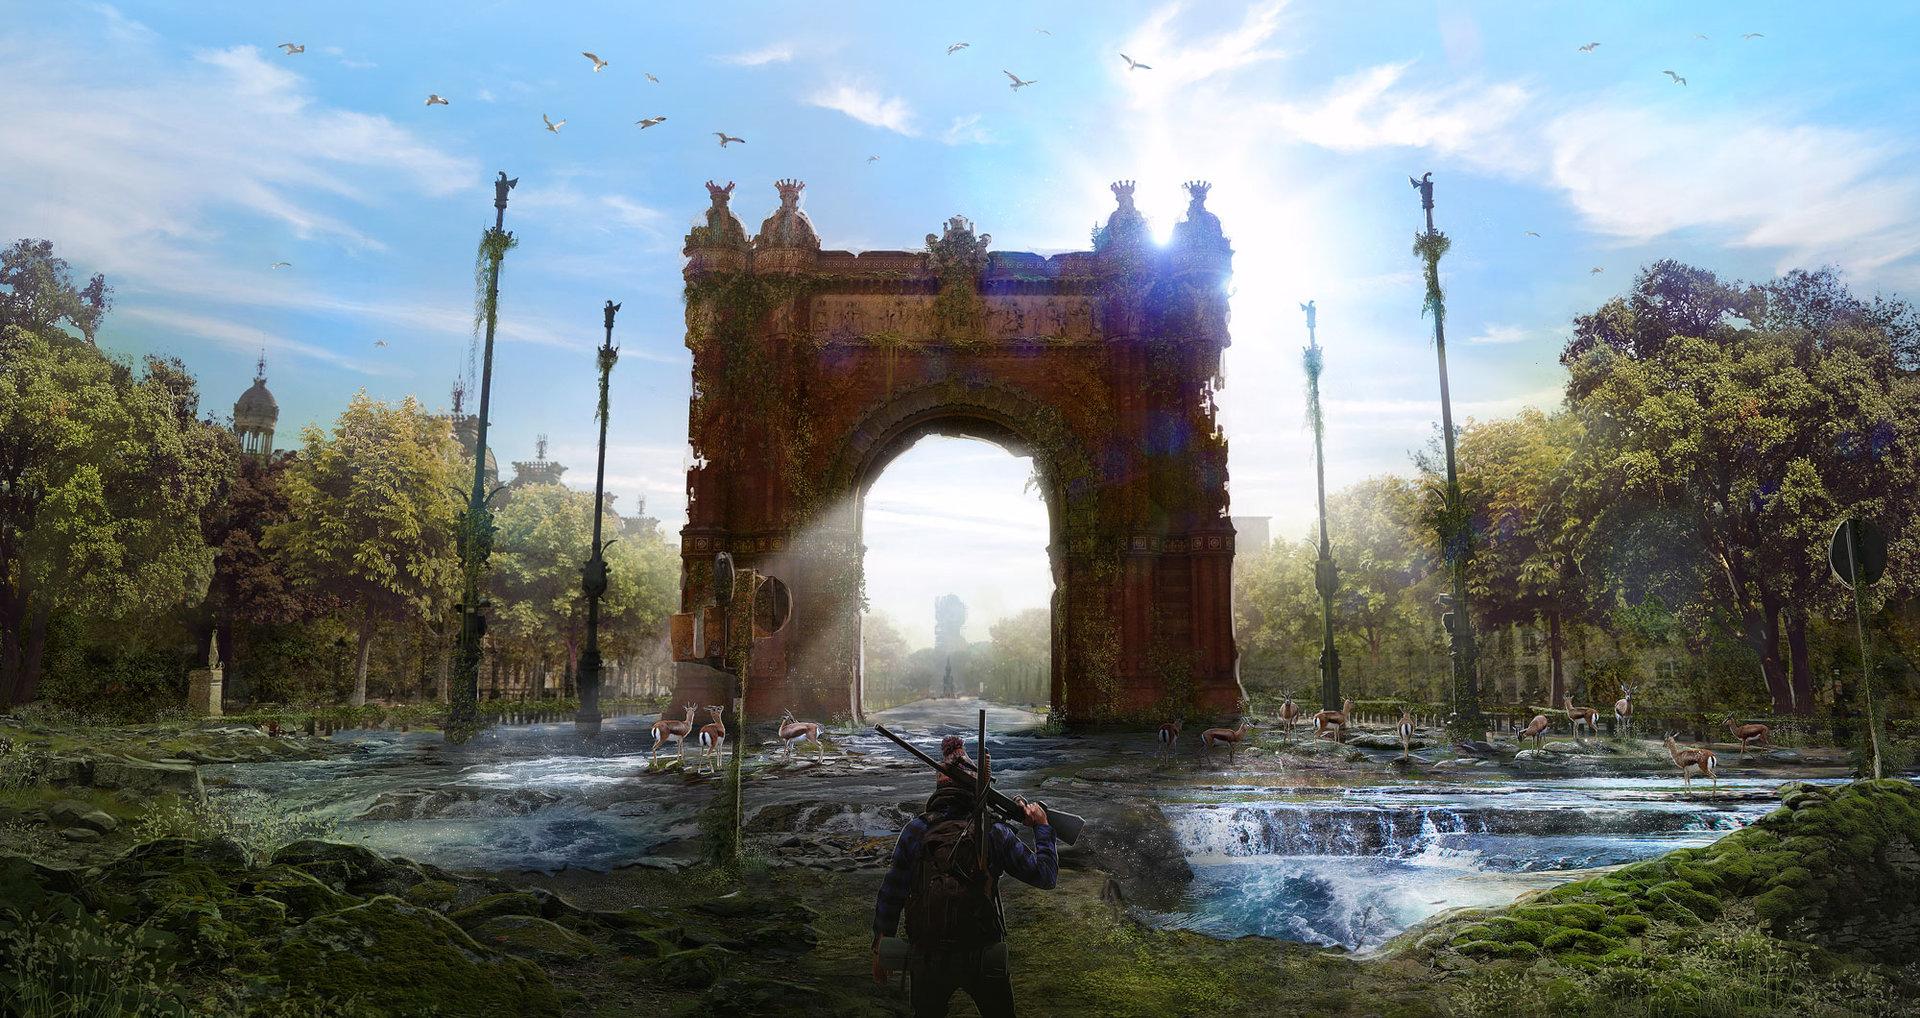 Barcelona Aftermath: Arc de Triomf